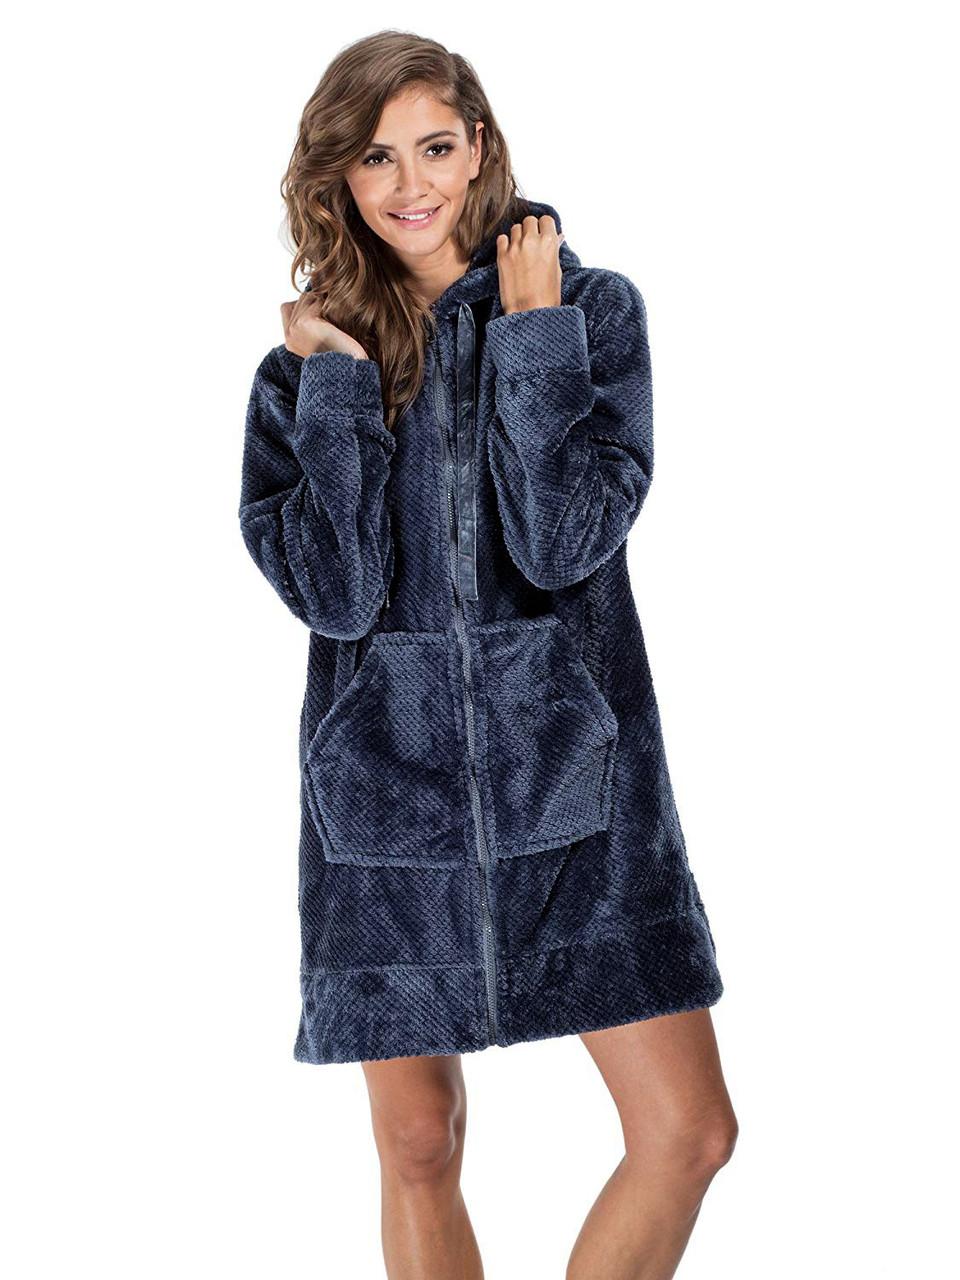 Короткий женский халат AGNES с карманами (S/M, L/XL в расцветках)